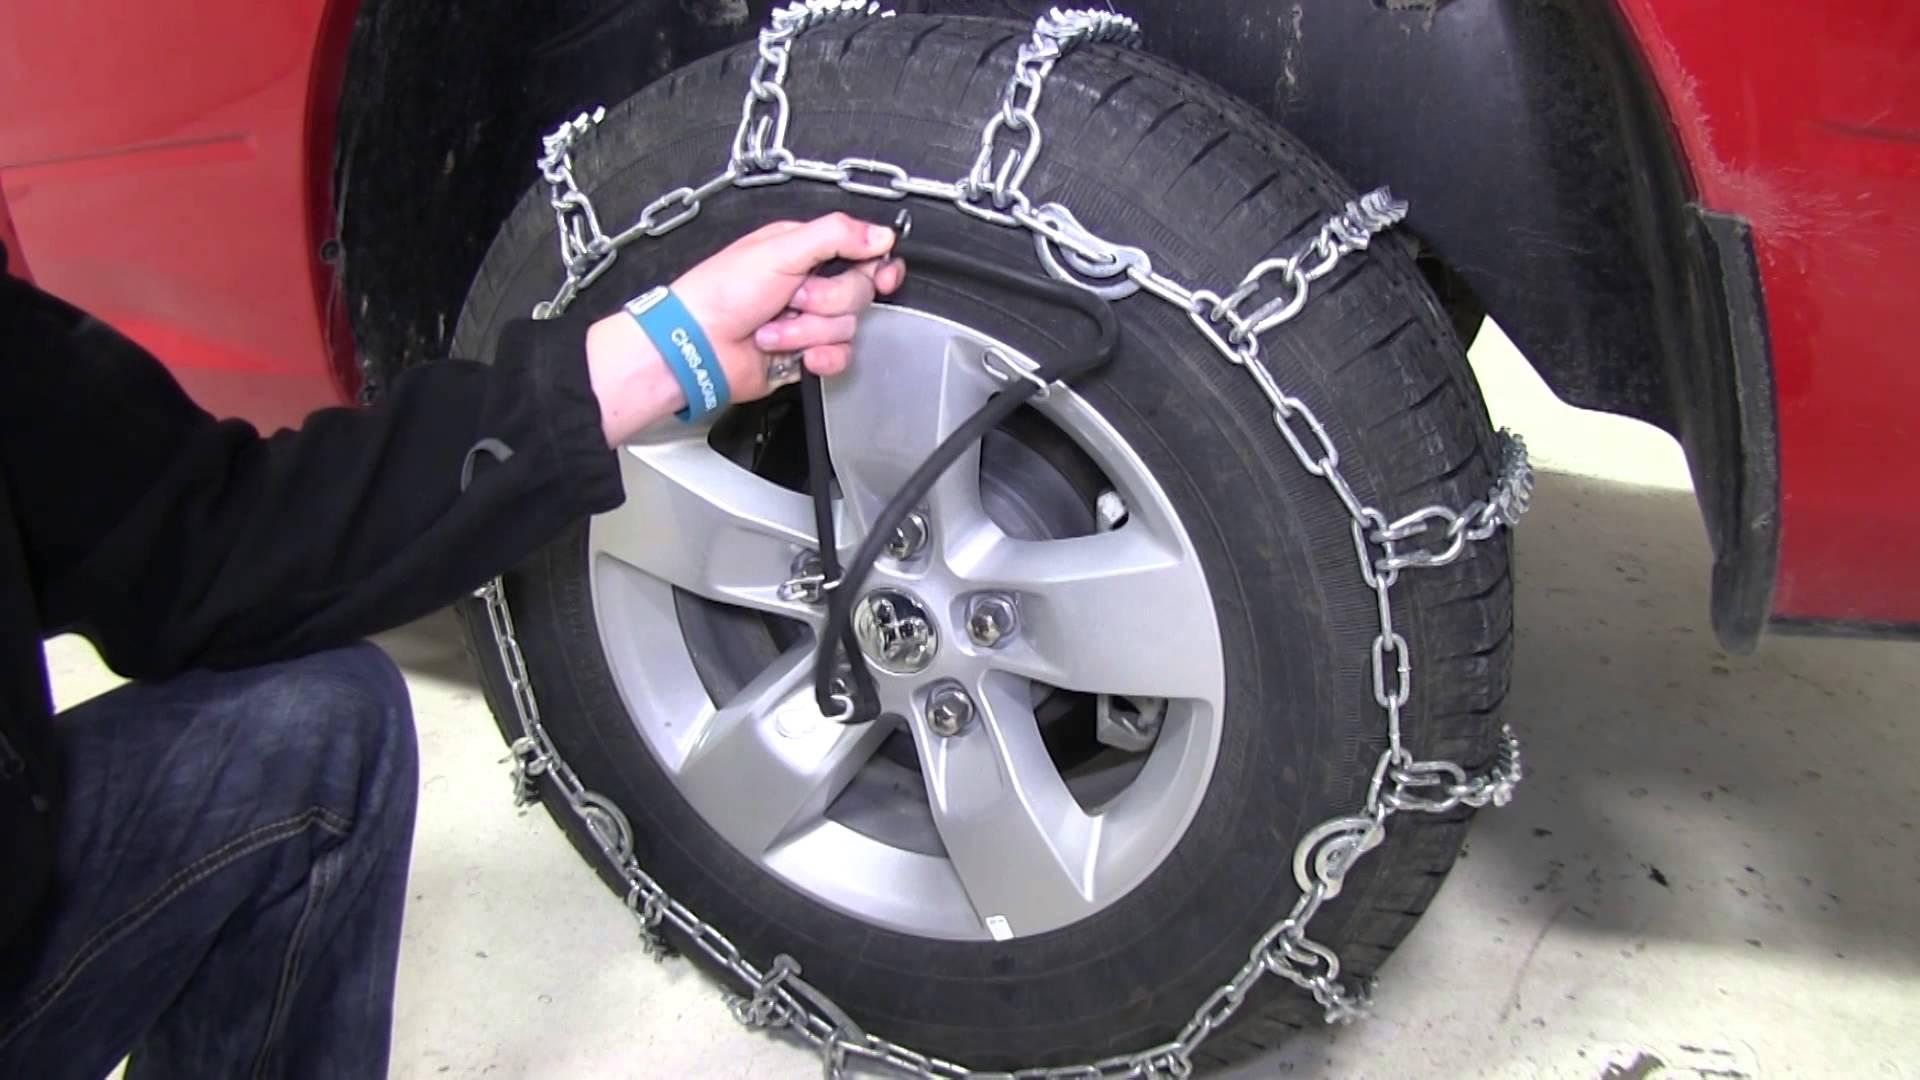 نحوه بستن و عملکرد زنجیر چرخ خودرو